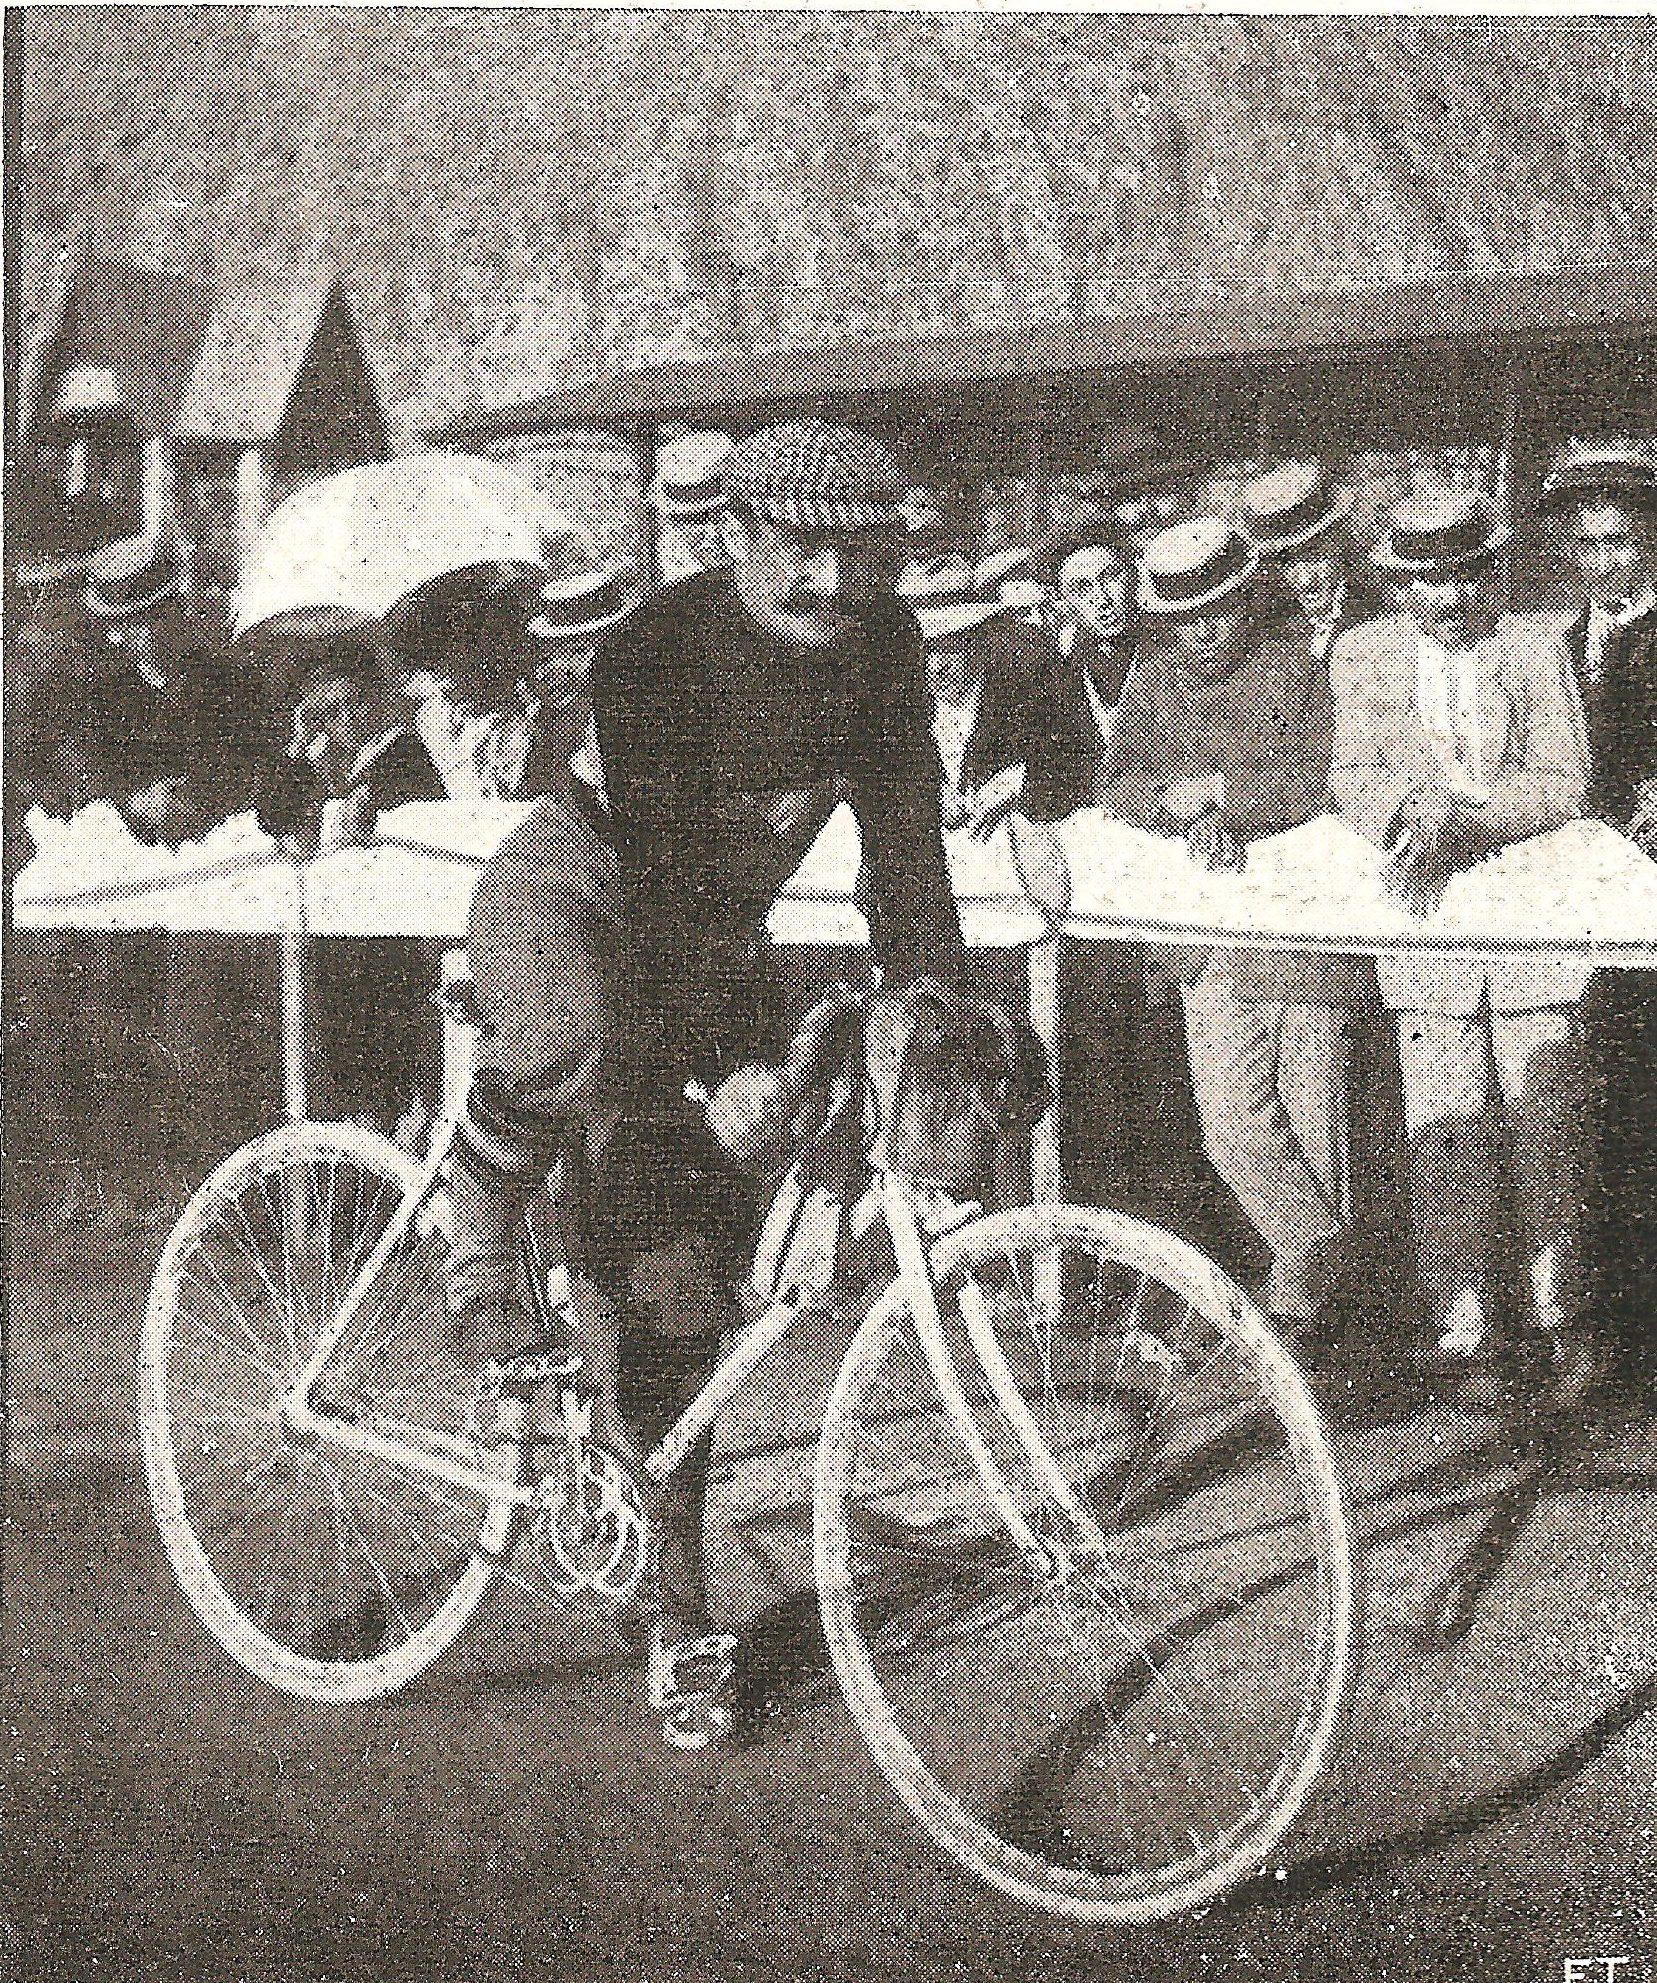 Carlo Galetti al giro di Sicilia - 1907